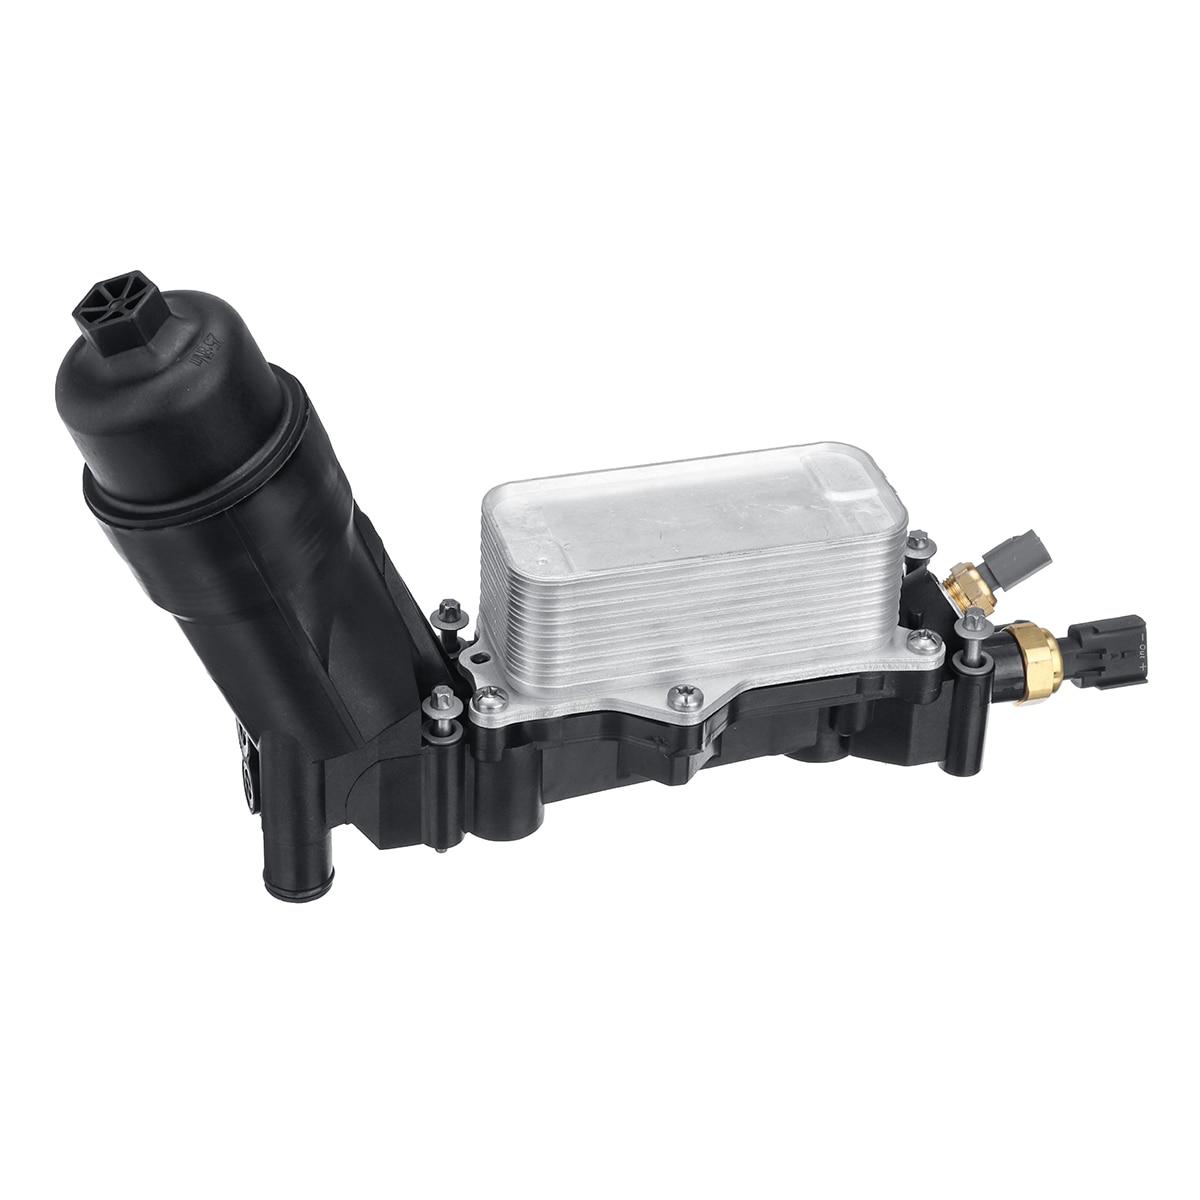 車のエンジンオイルフィルターアダプターのためのジープのためのダッジクライスラー 3.6 V6 2014 2015 2016 2017 68105583AF 68105583AB  グループ上の 自動車 &バイク からの オイルクーラー の中 3